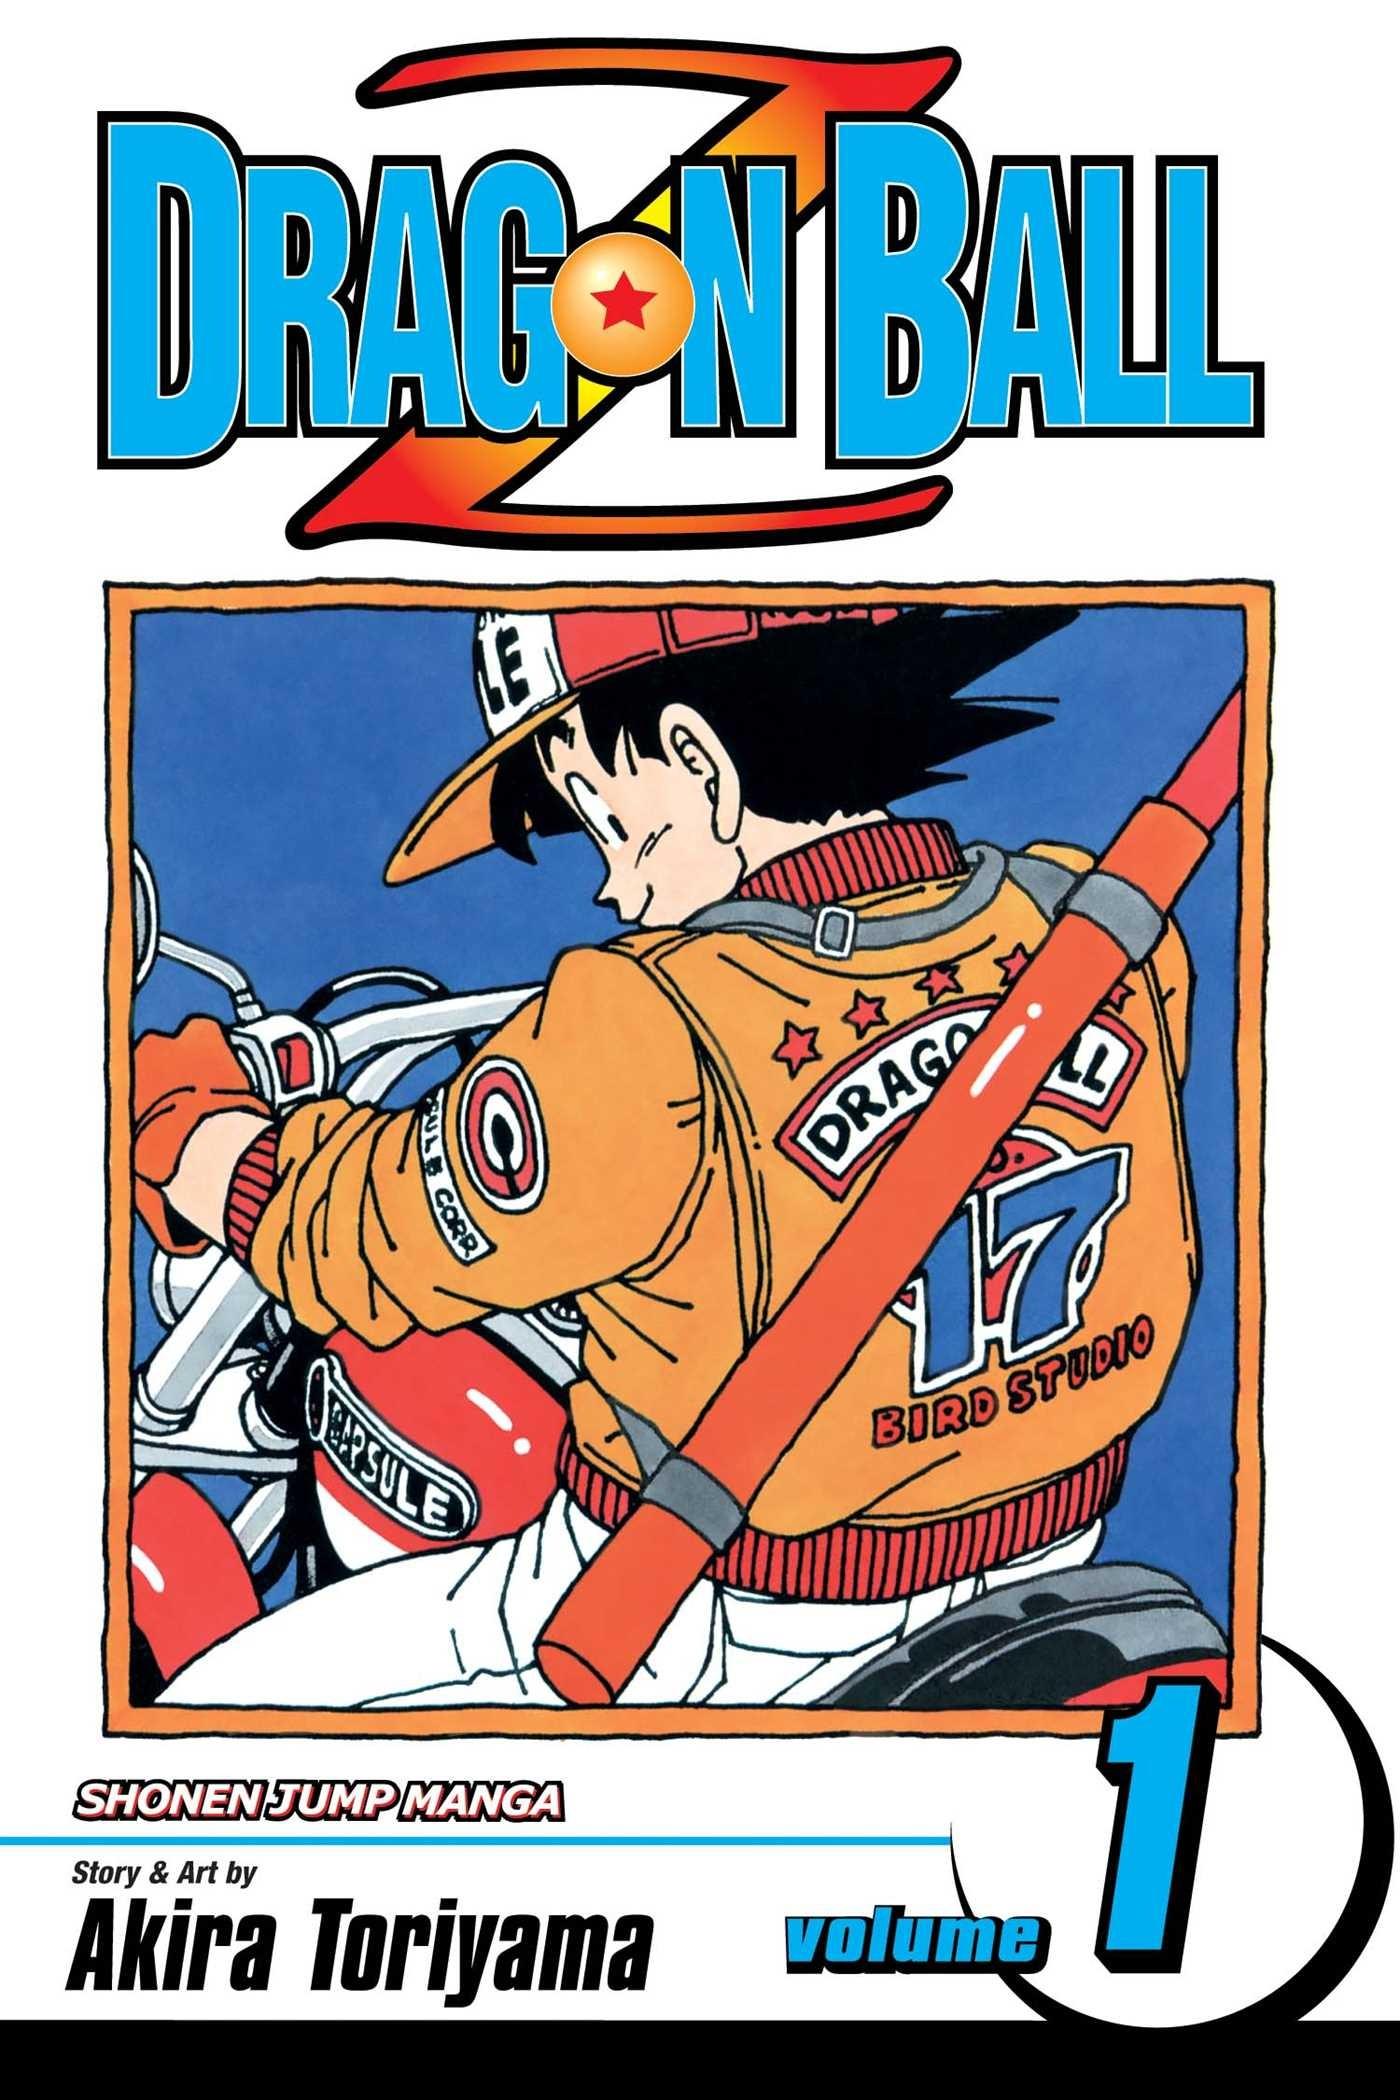 Dragon Ball Z, Vol. 01 by Akira Toriyama